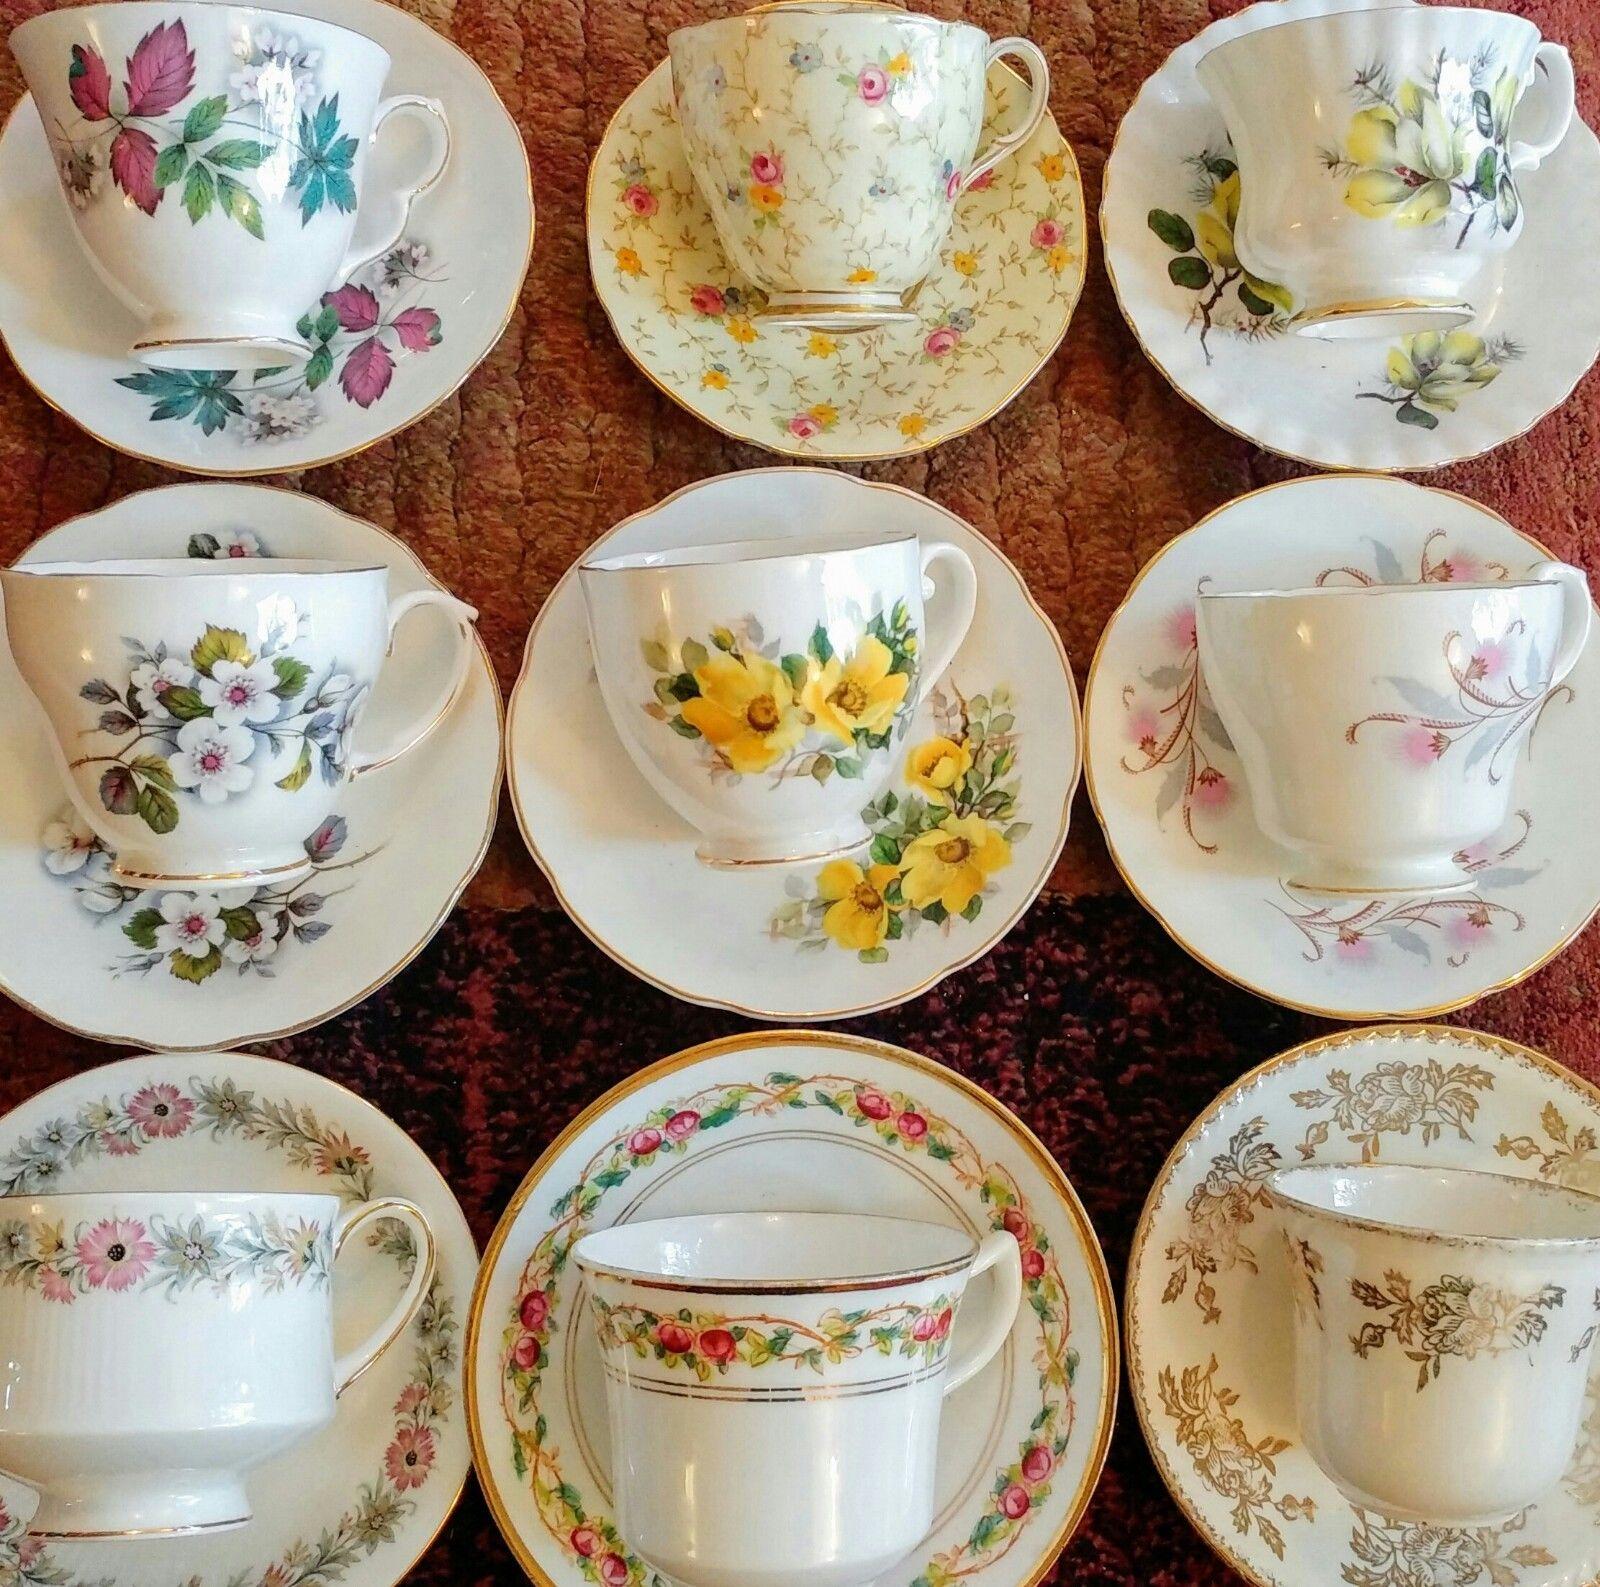 Hatters Tea Room